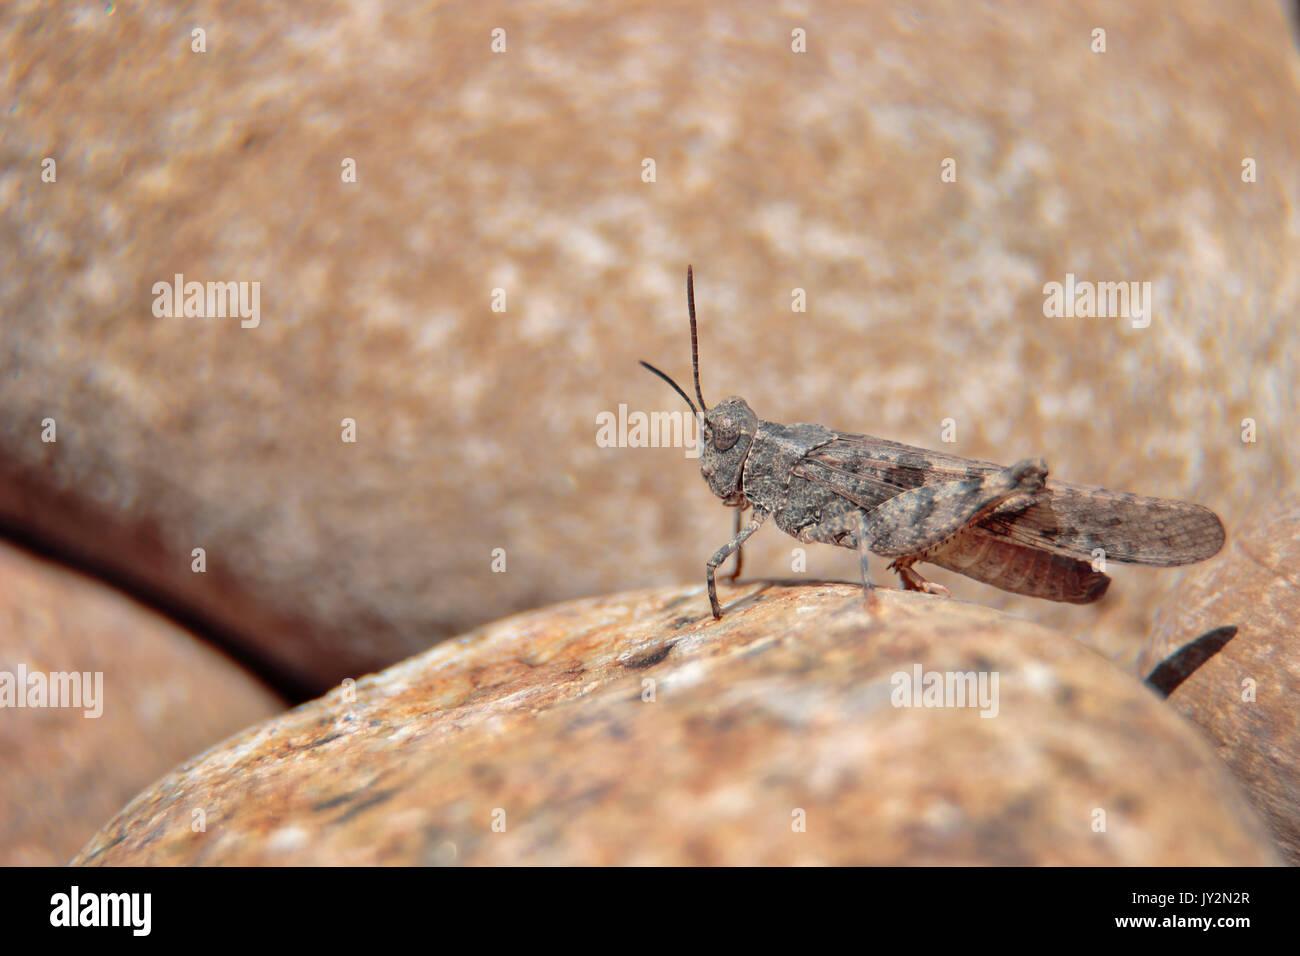 Trimerotropis ochraceipennis, especie de langosta común, que habita prácticamente en todos los lugares tanto rurales como urbanos. Immagini Stock